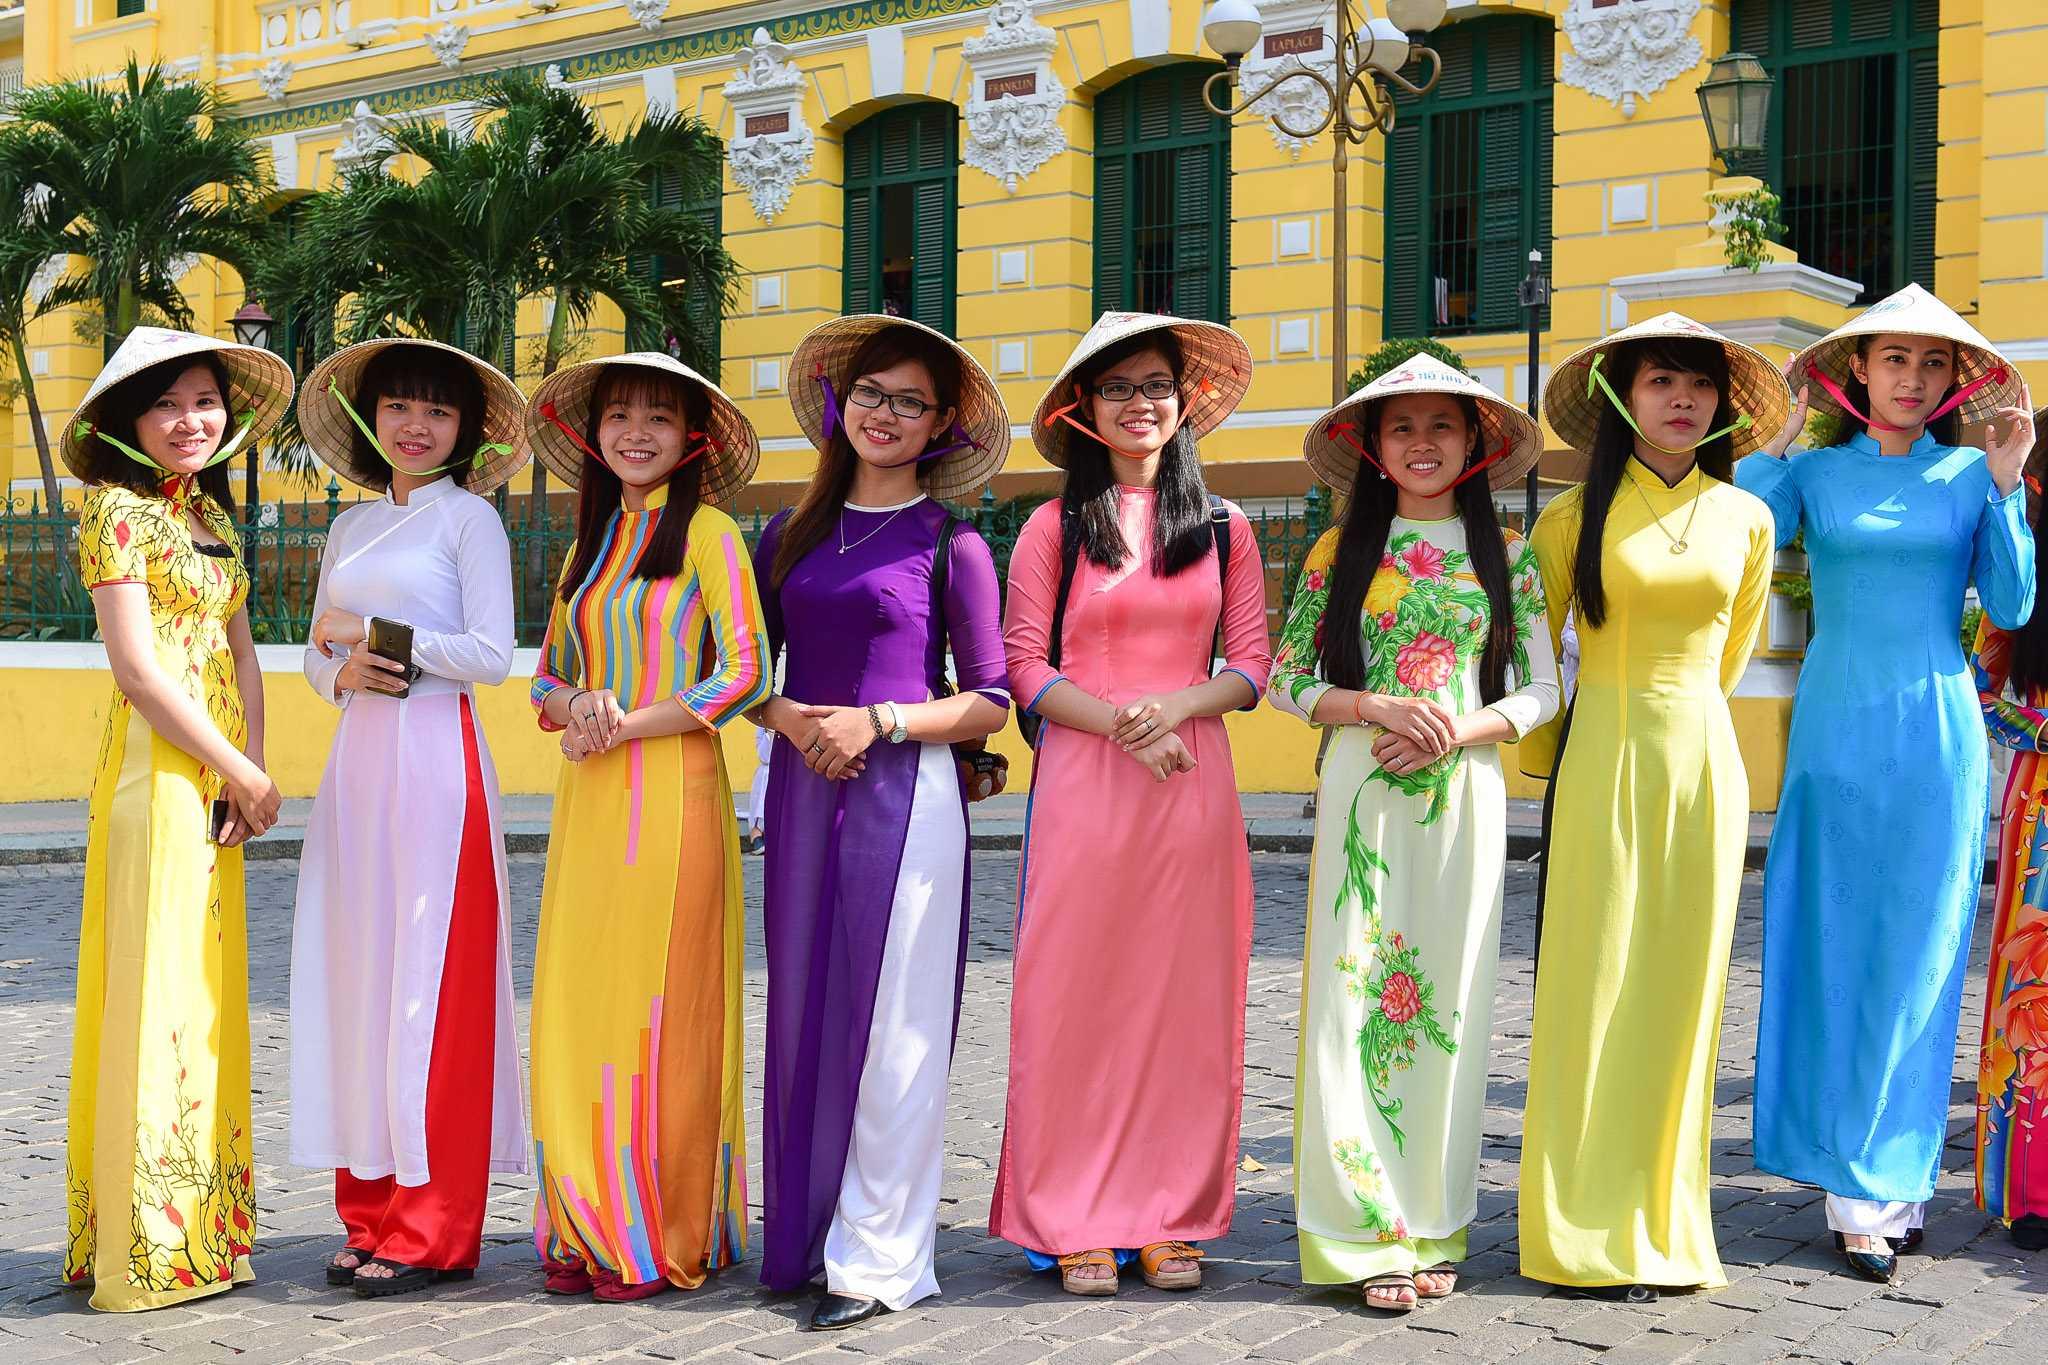 Tự hào áo dài Việt - Kết nối du lịch với văn hoá truyền thống (6/3/2019)